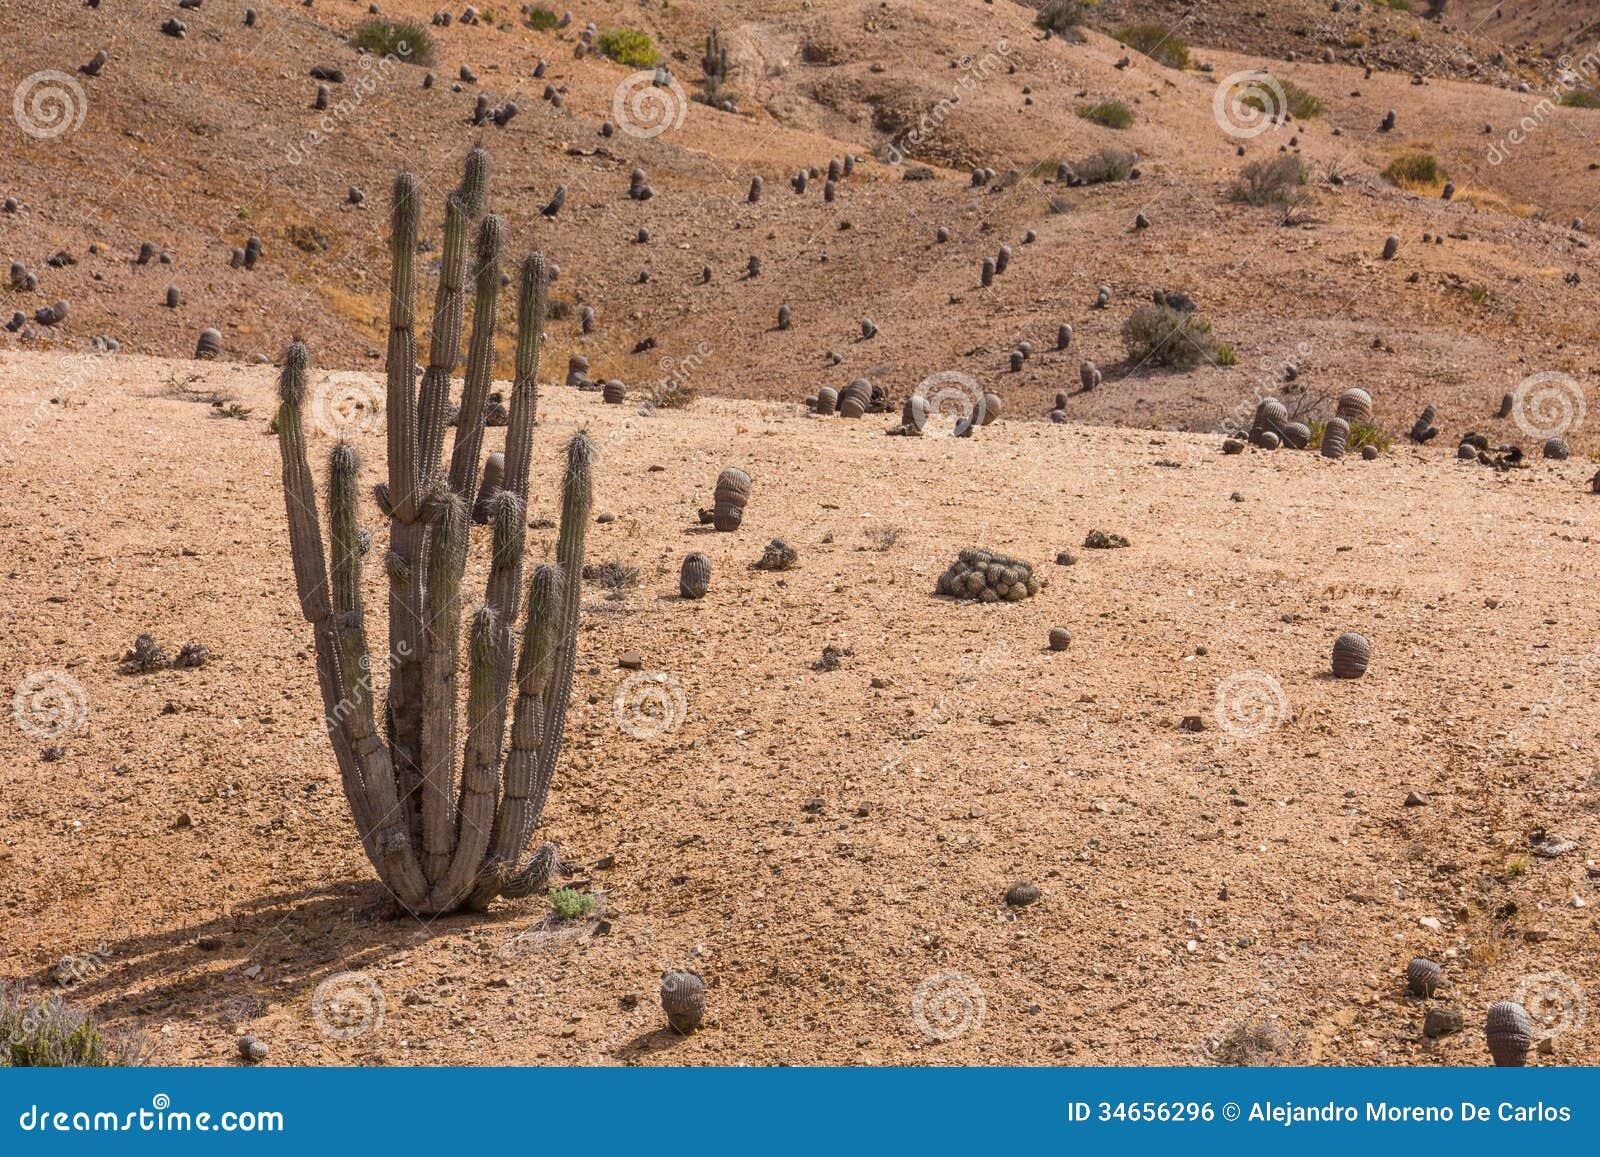 Cactus en el desierto en atacama chile foto de archivo for Fotos de cactus